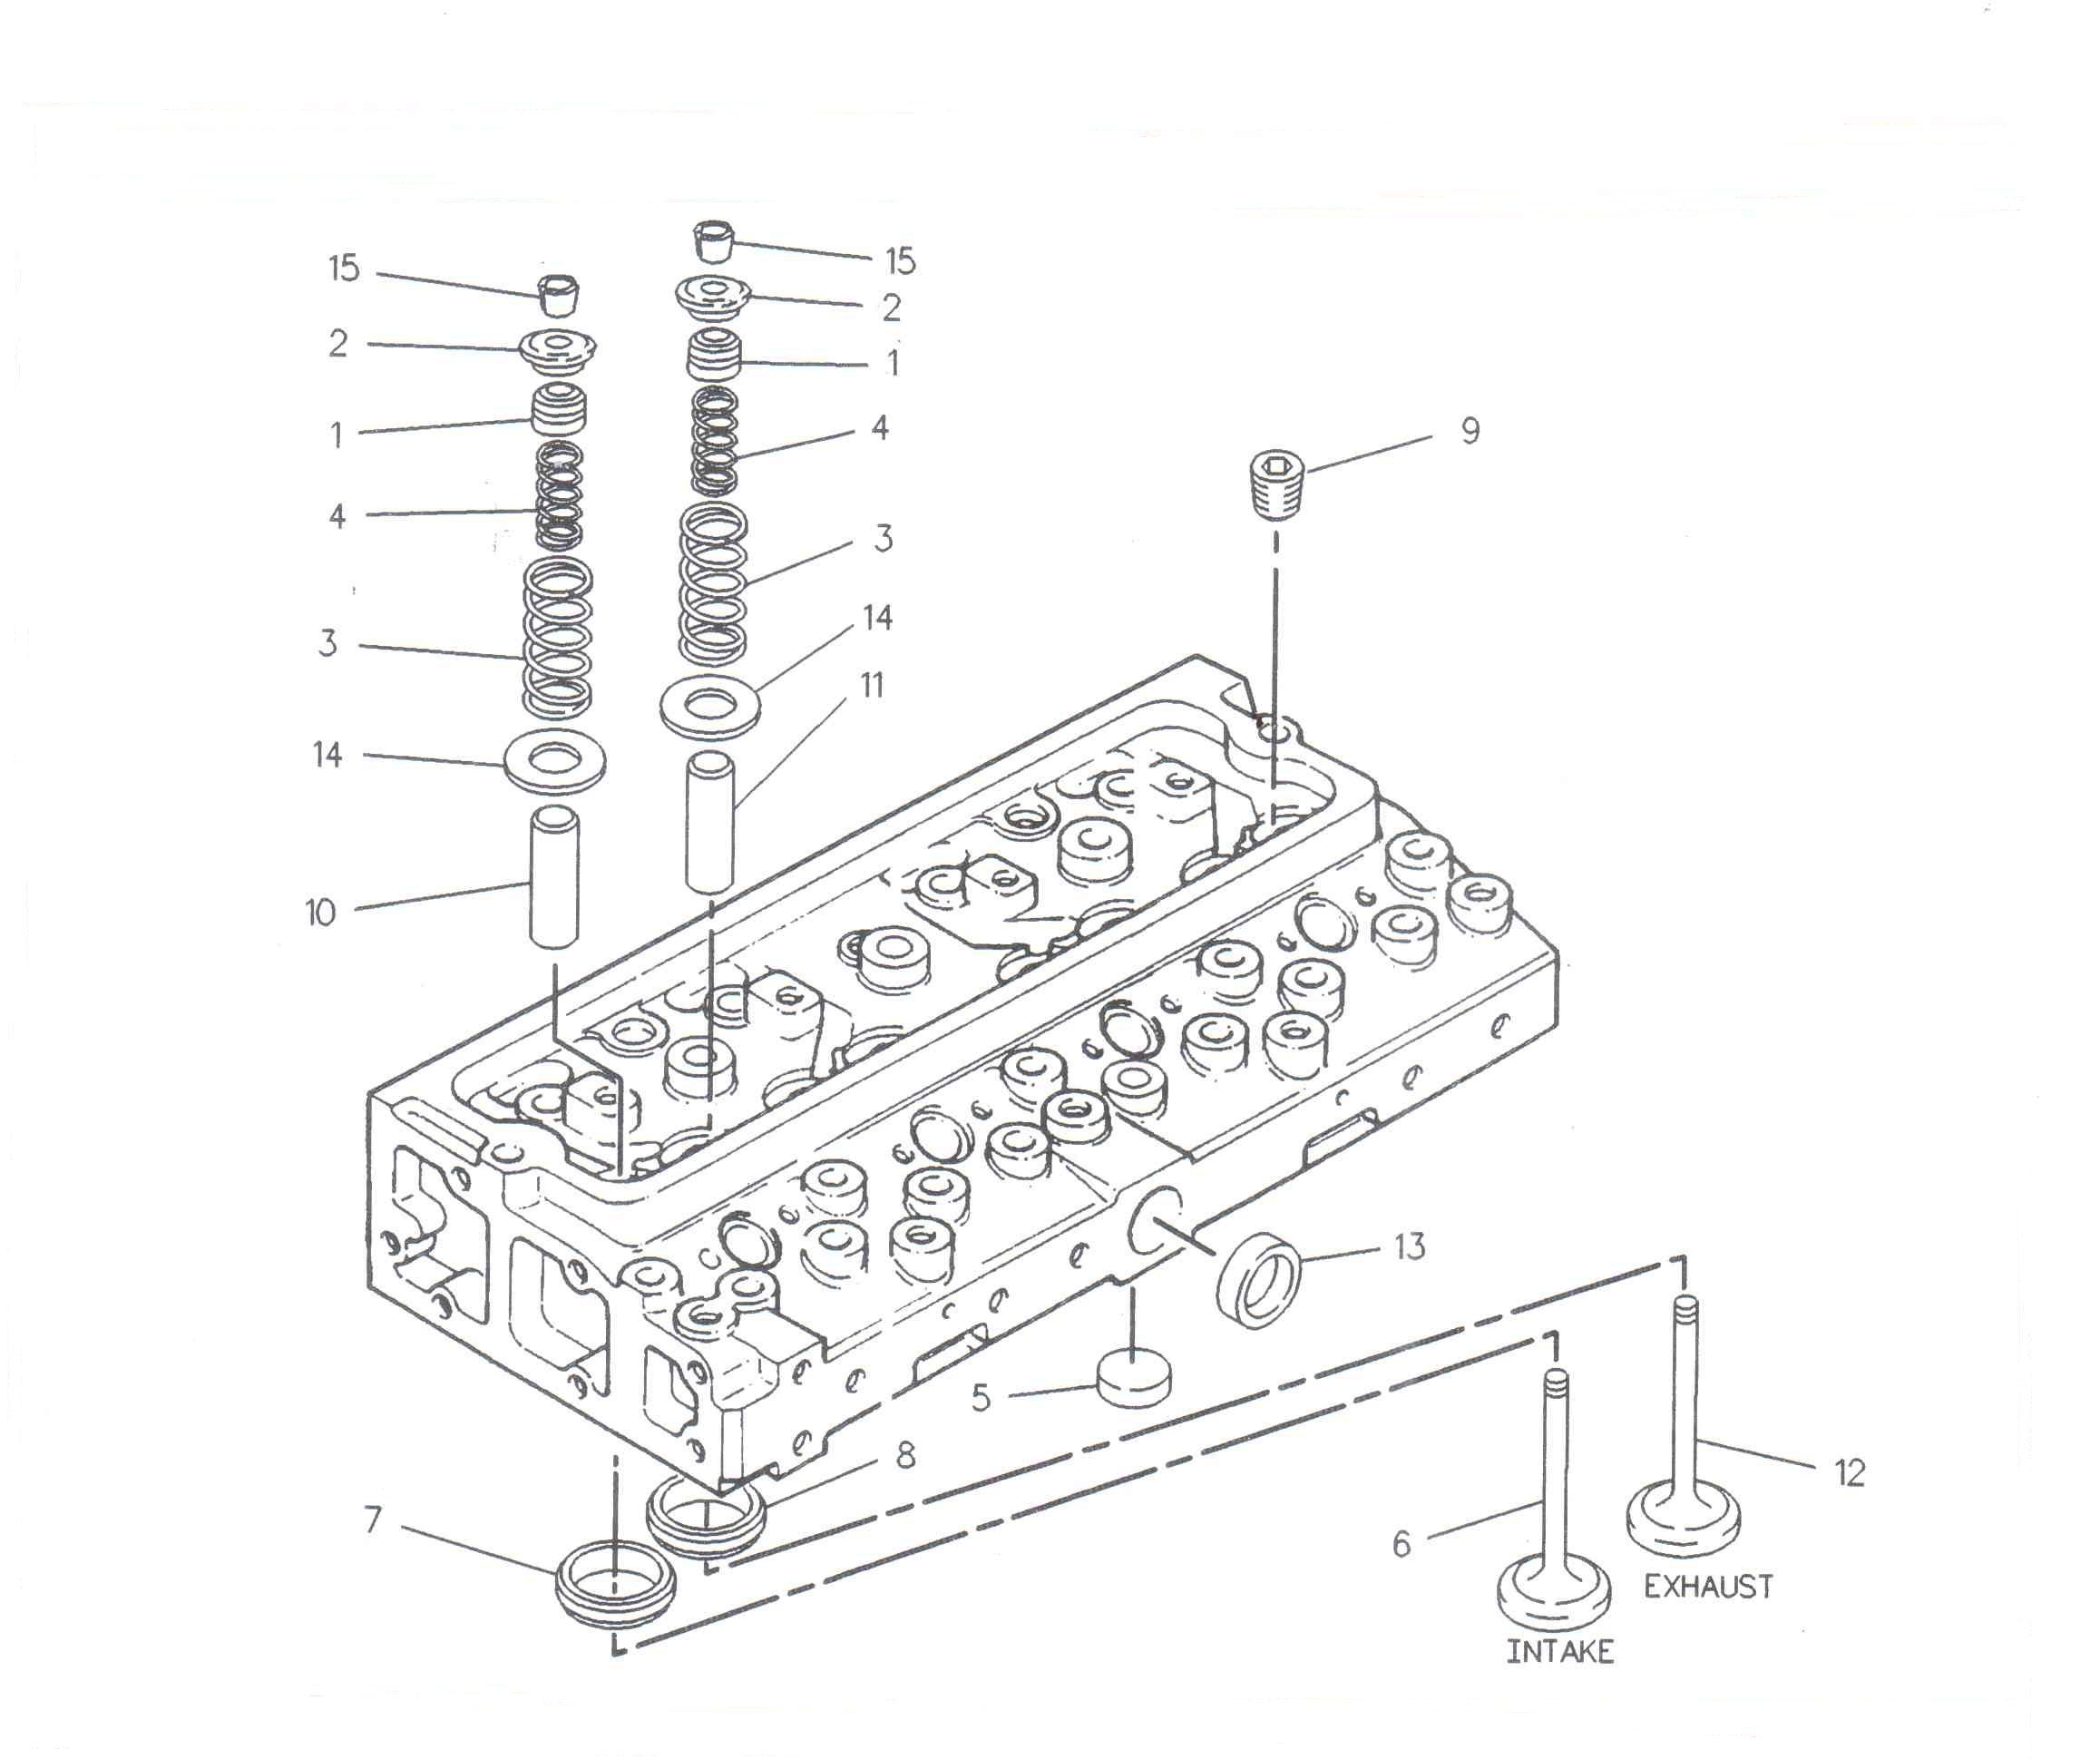 Biela motor utilaje JCB